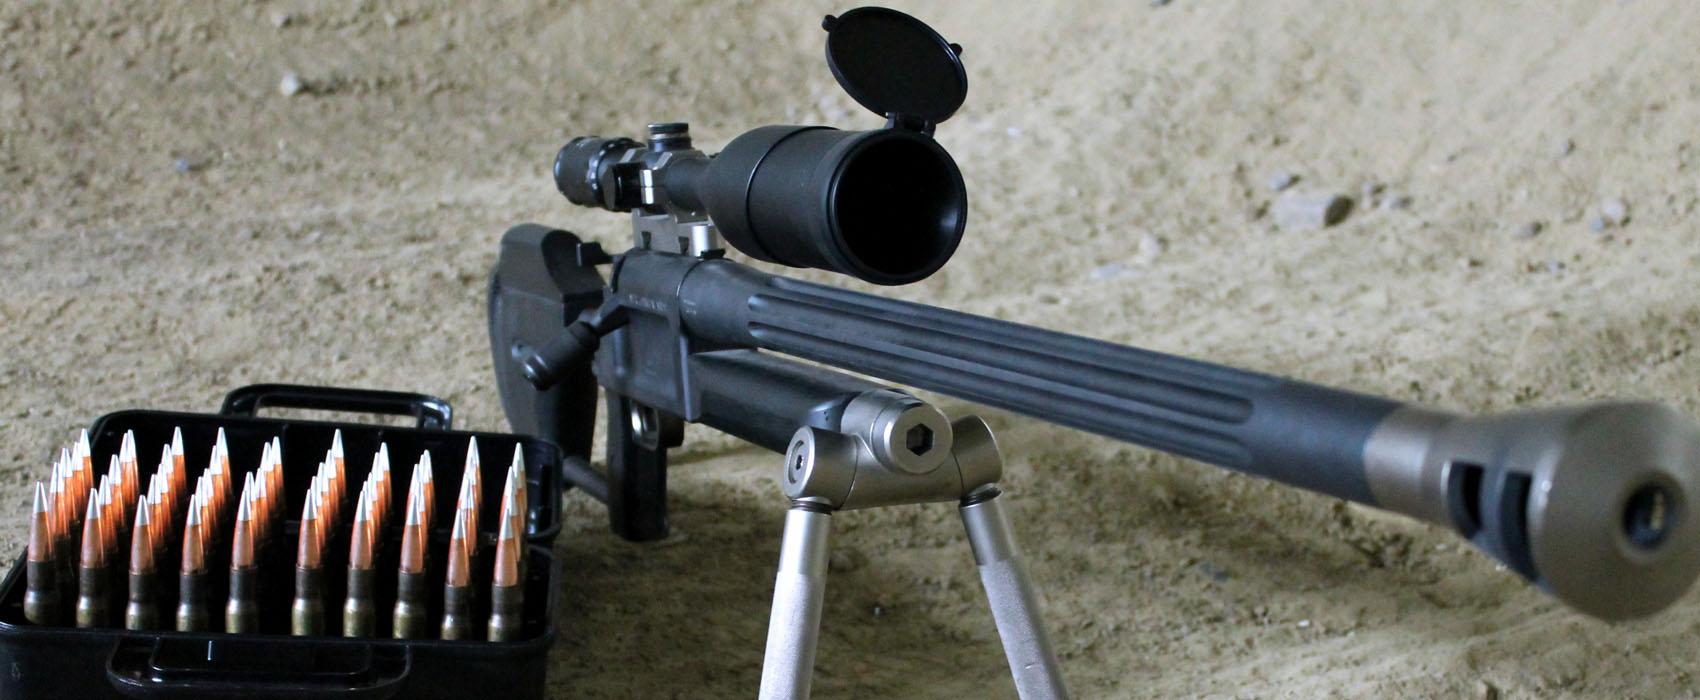 Präzisionsgewehr im Kaliber .50 BMG